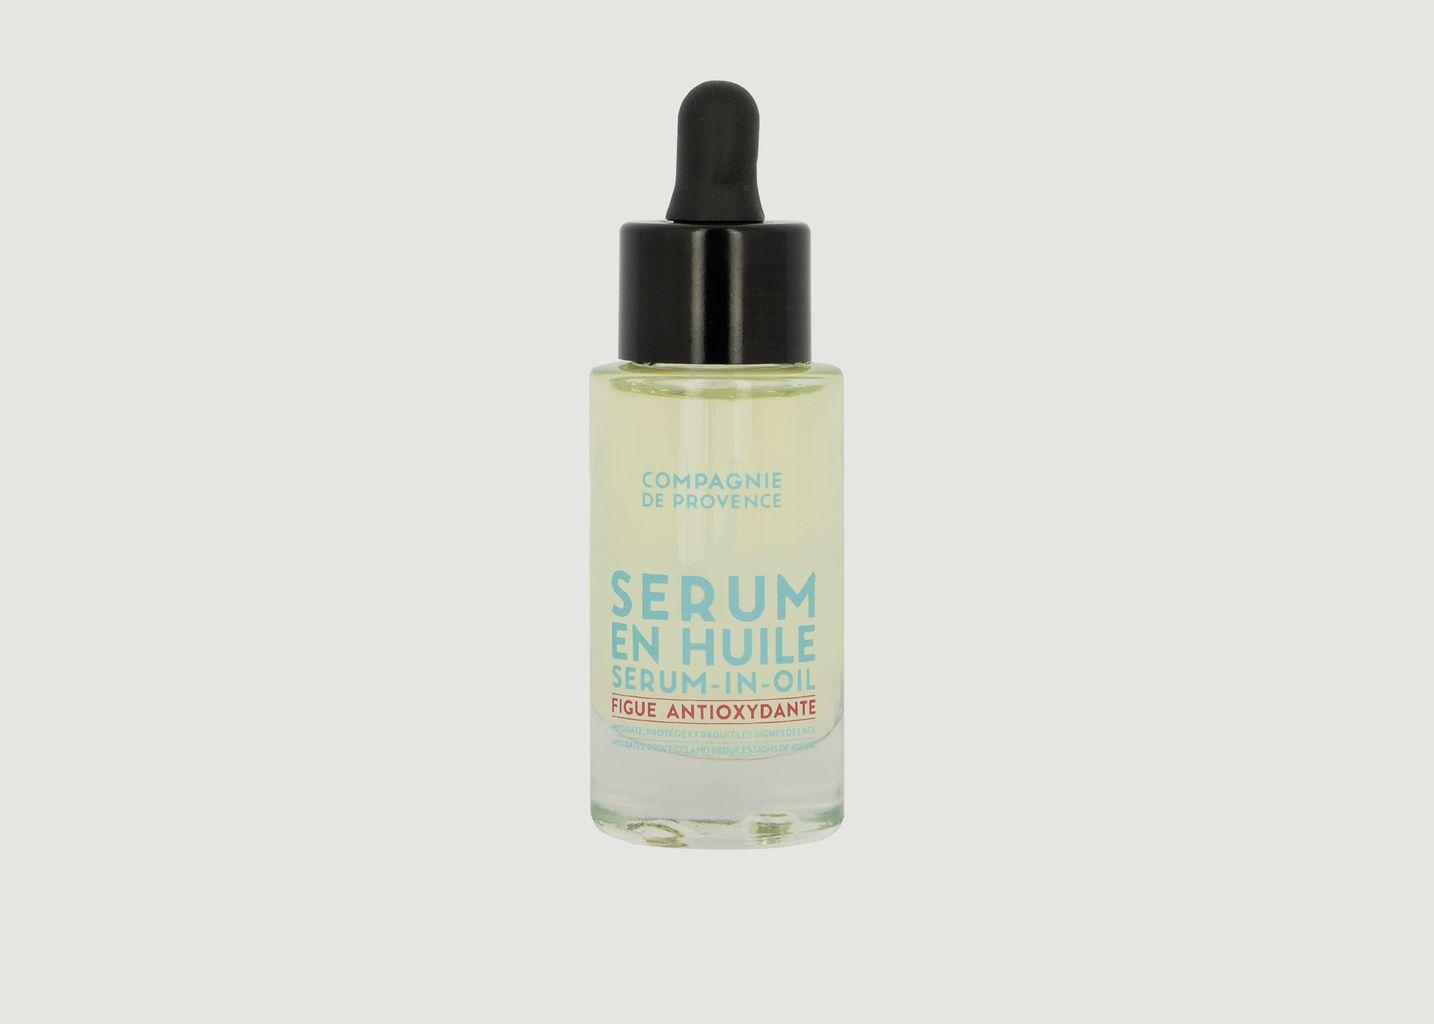 Sérum en huile figue antioxydante - La Compagnie de Provence